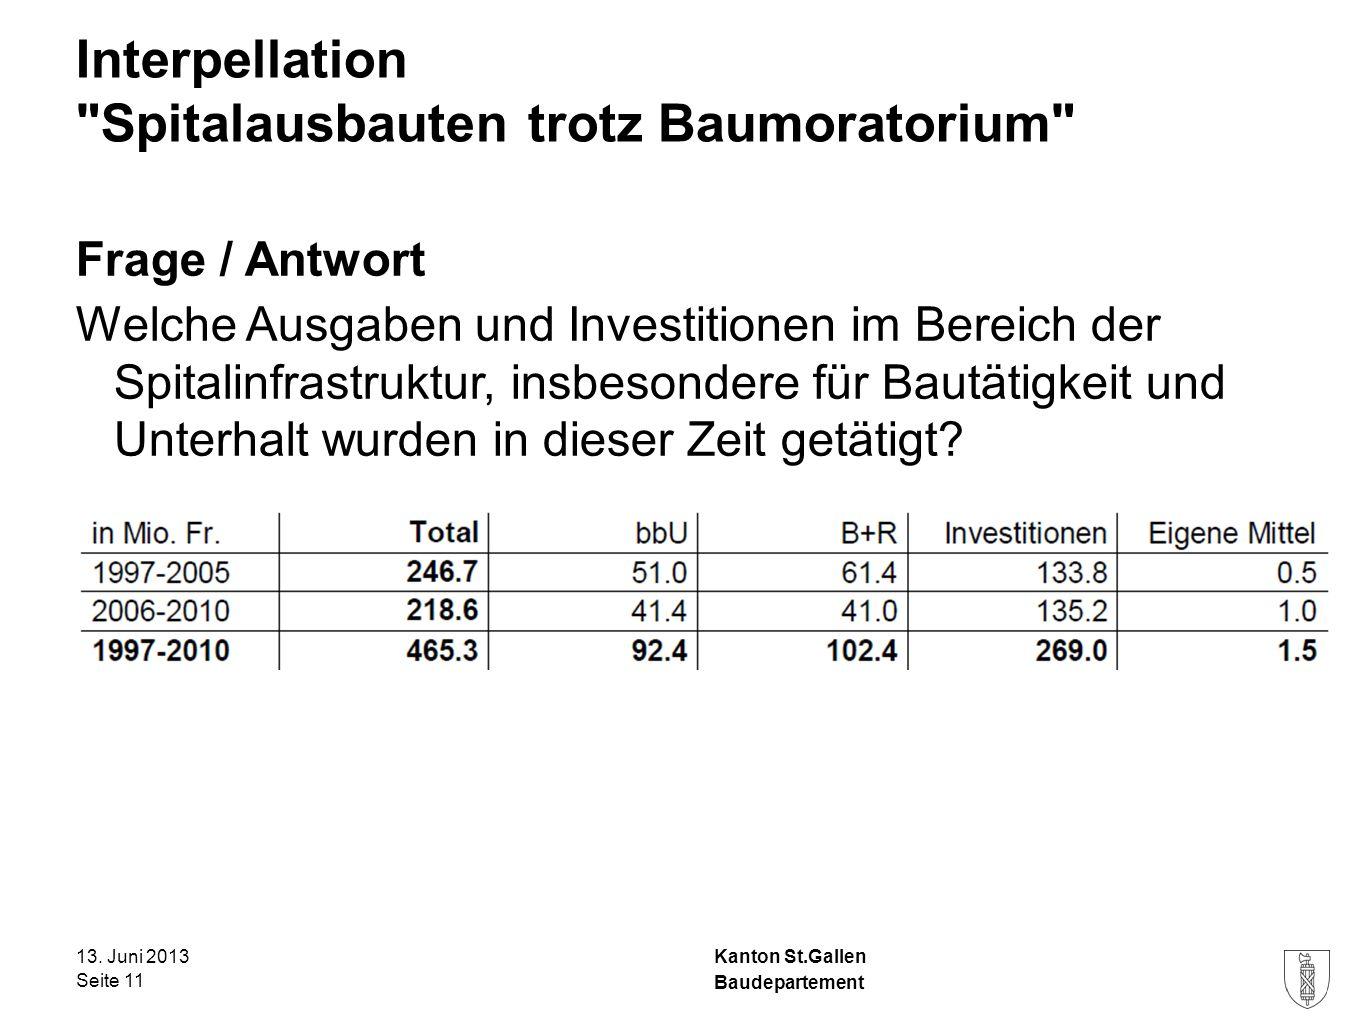 Kanton St.Gallen Interpellation Spitalausbauten trotz Baumoratorium Frage / Antwort Welche Ausgaben und Investitionen im Bereich der Spitalinfrastruktur, insbesondere für Bautätigkeit und Unterhalt wurden in dieser Zeit getätigt.